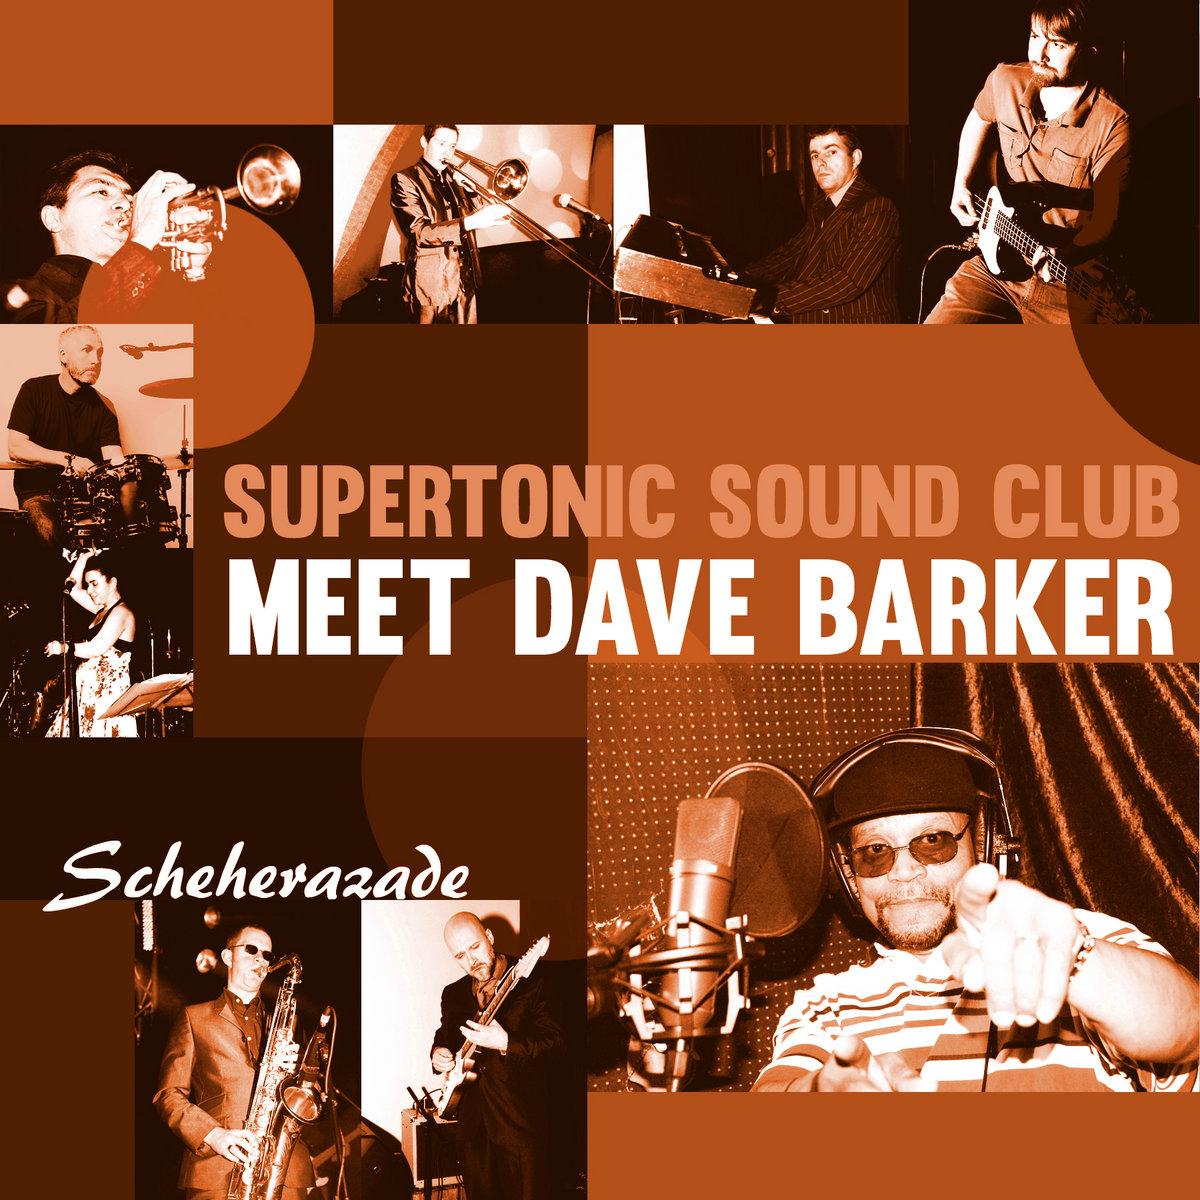 Scheherazade / Little Boy   Supertonic Sound Club